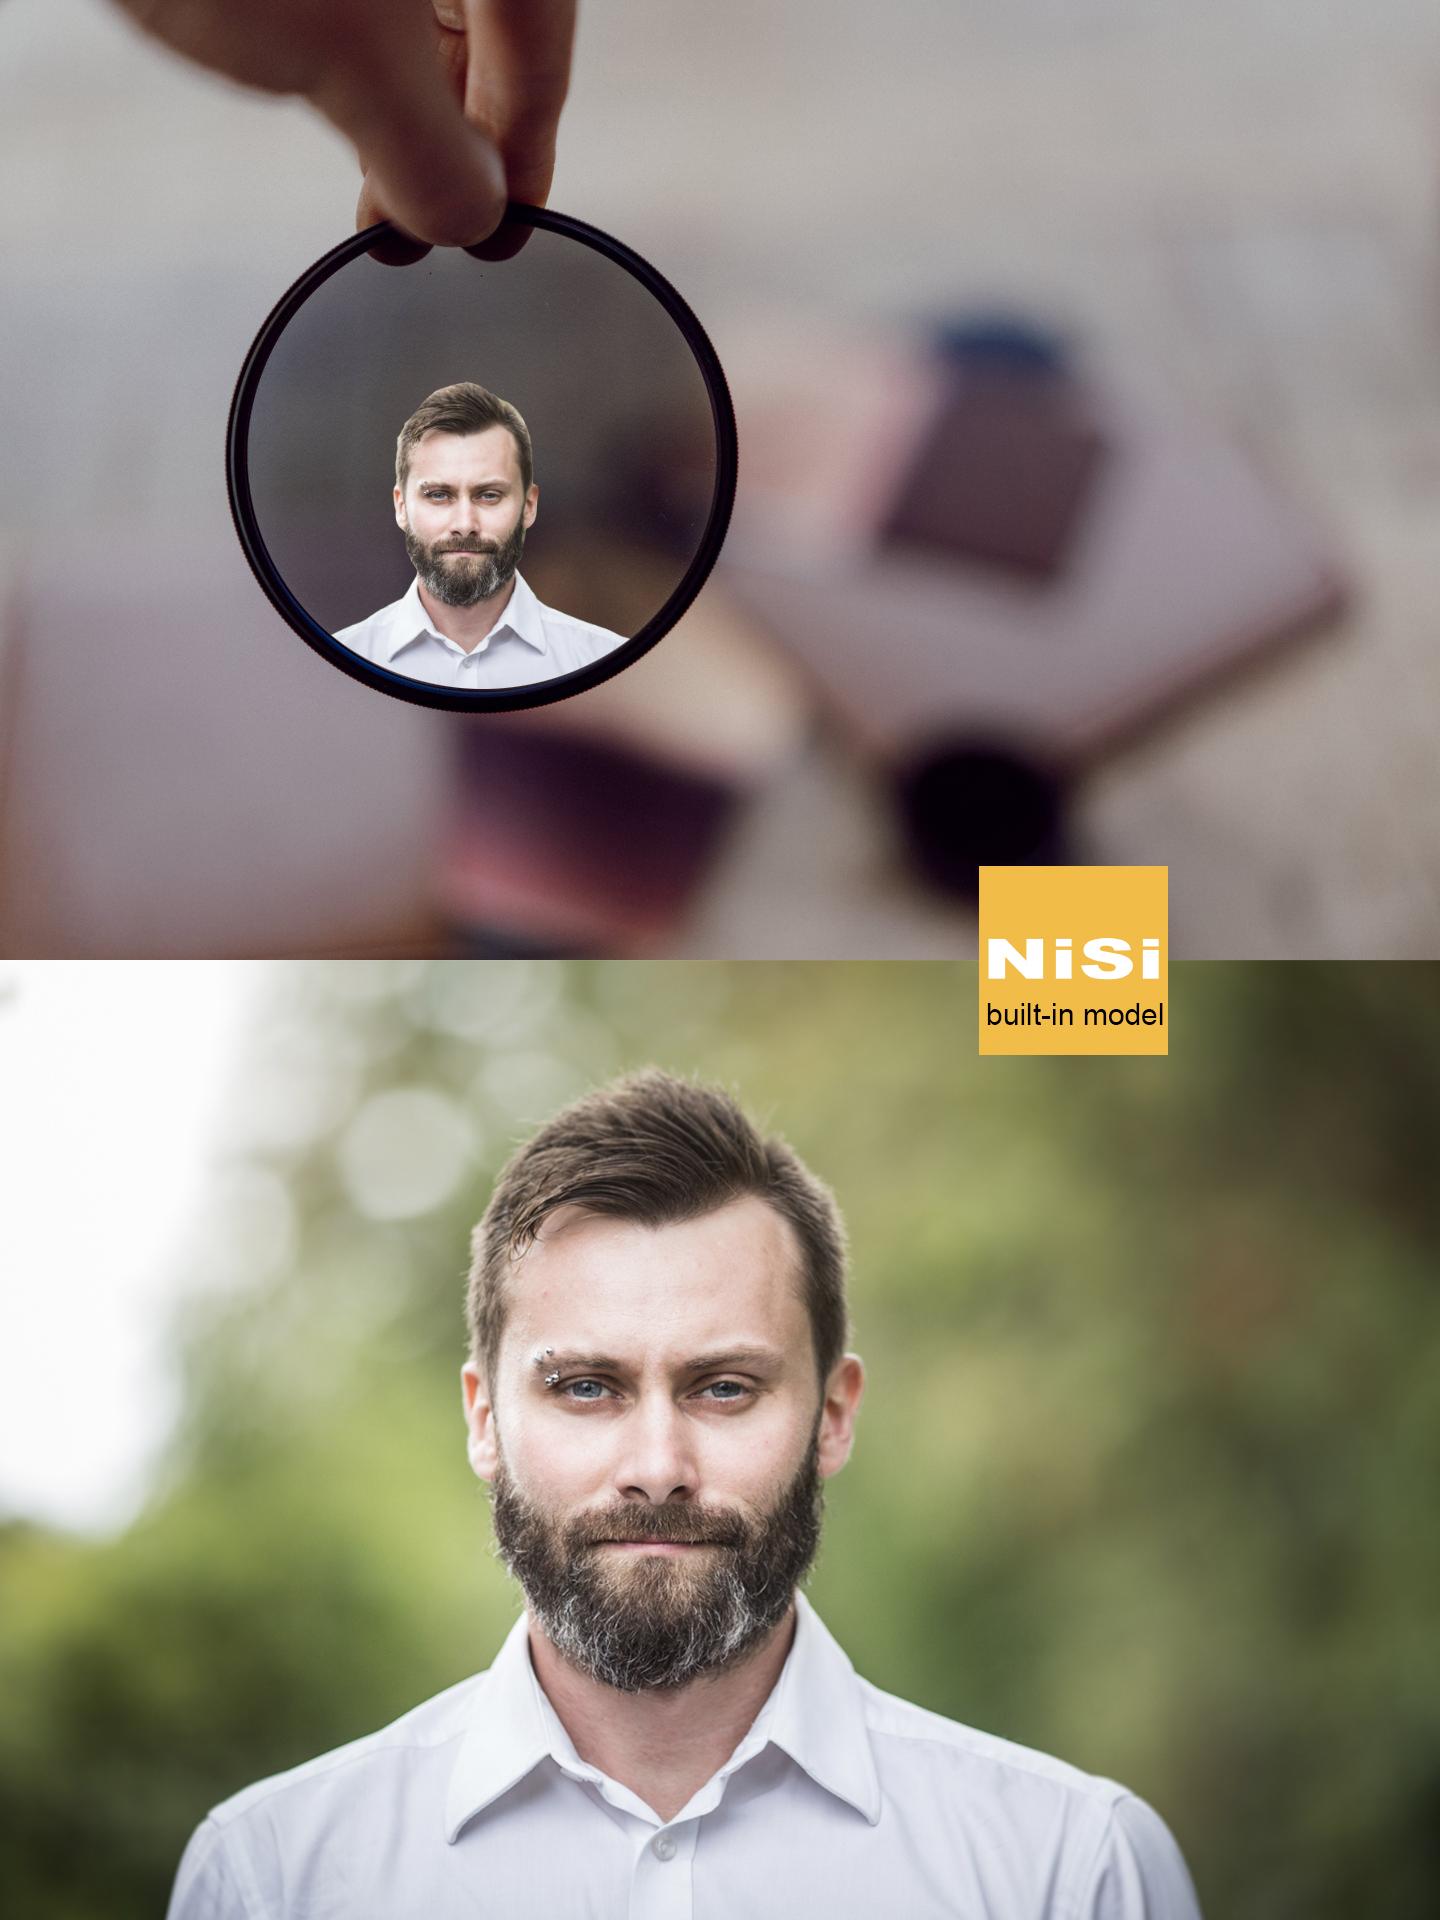 NiSi propose des filtres d'objectifs avec...